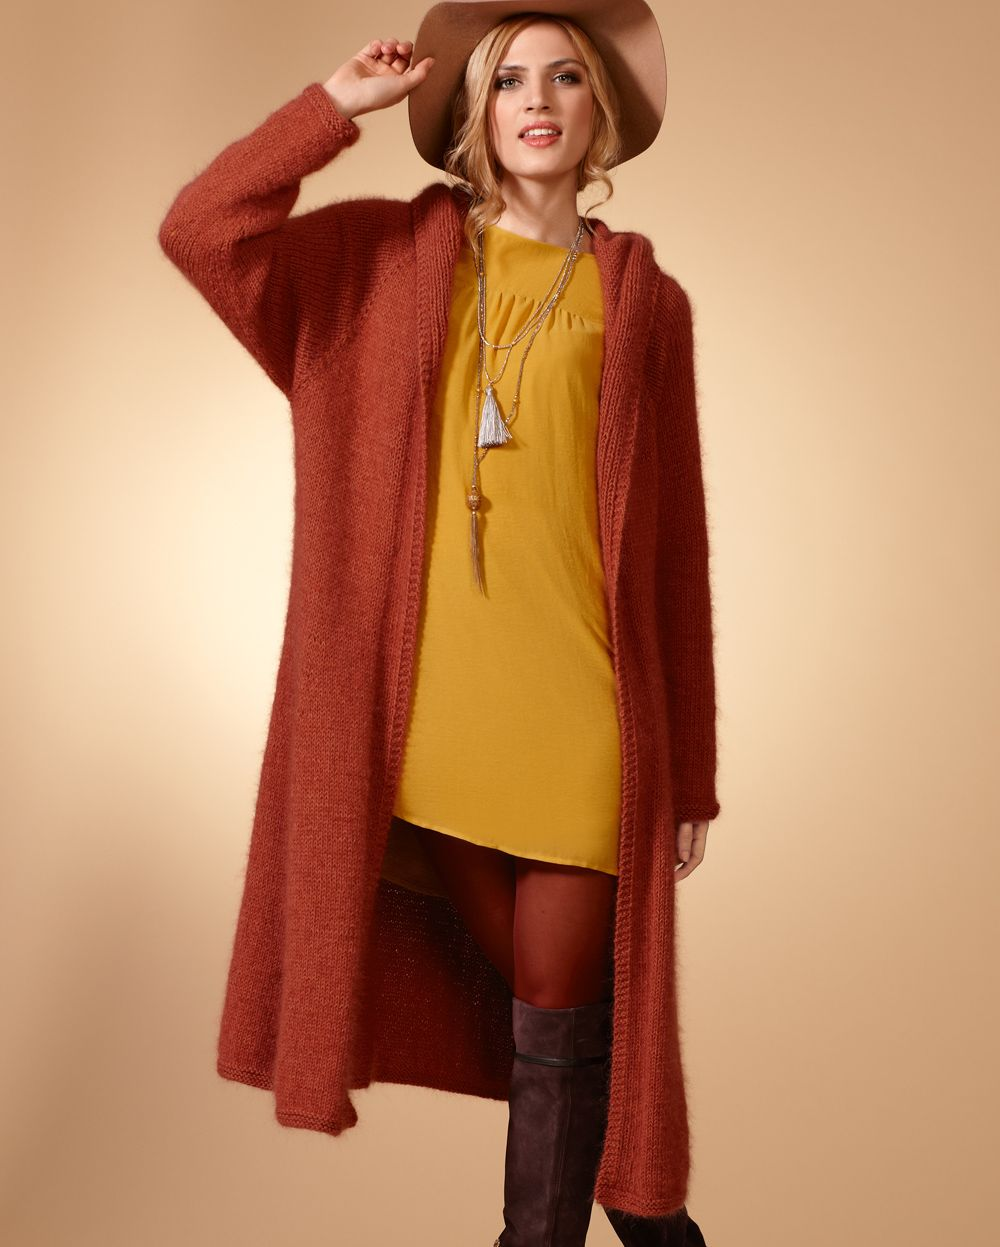 объемная вязка пальто схема крючком